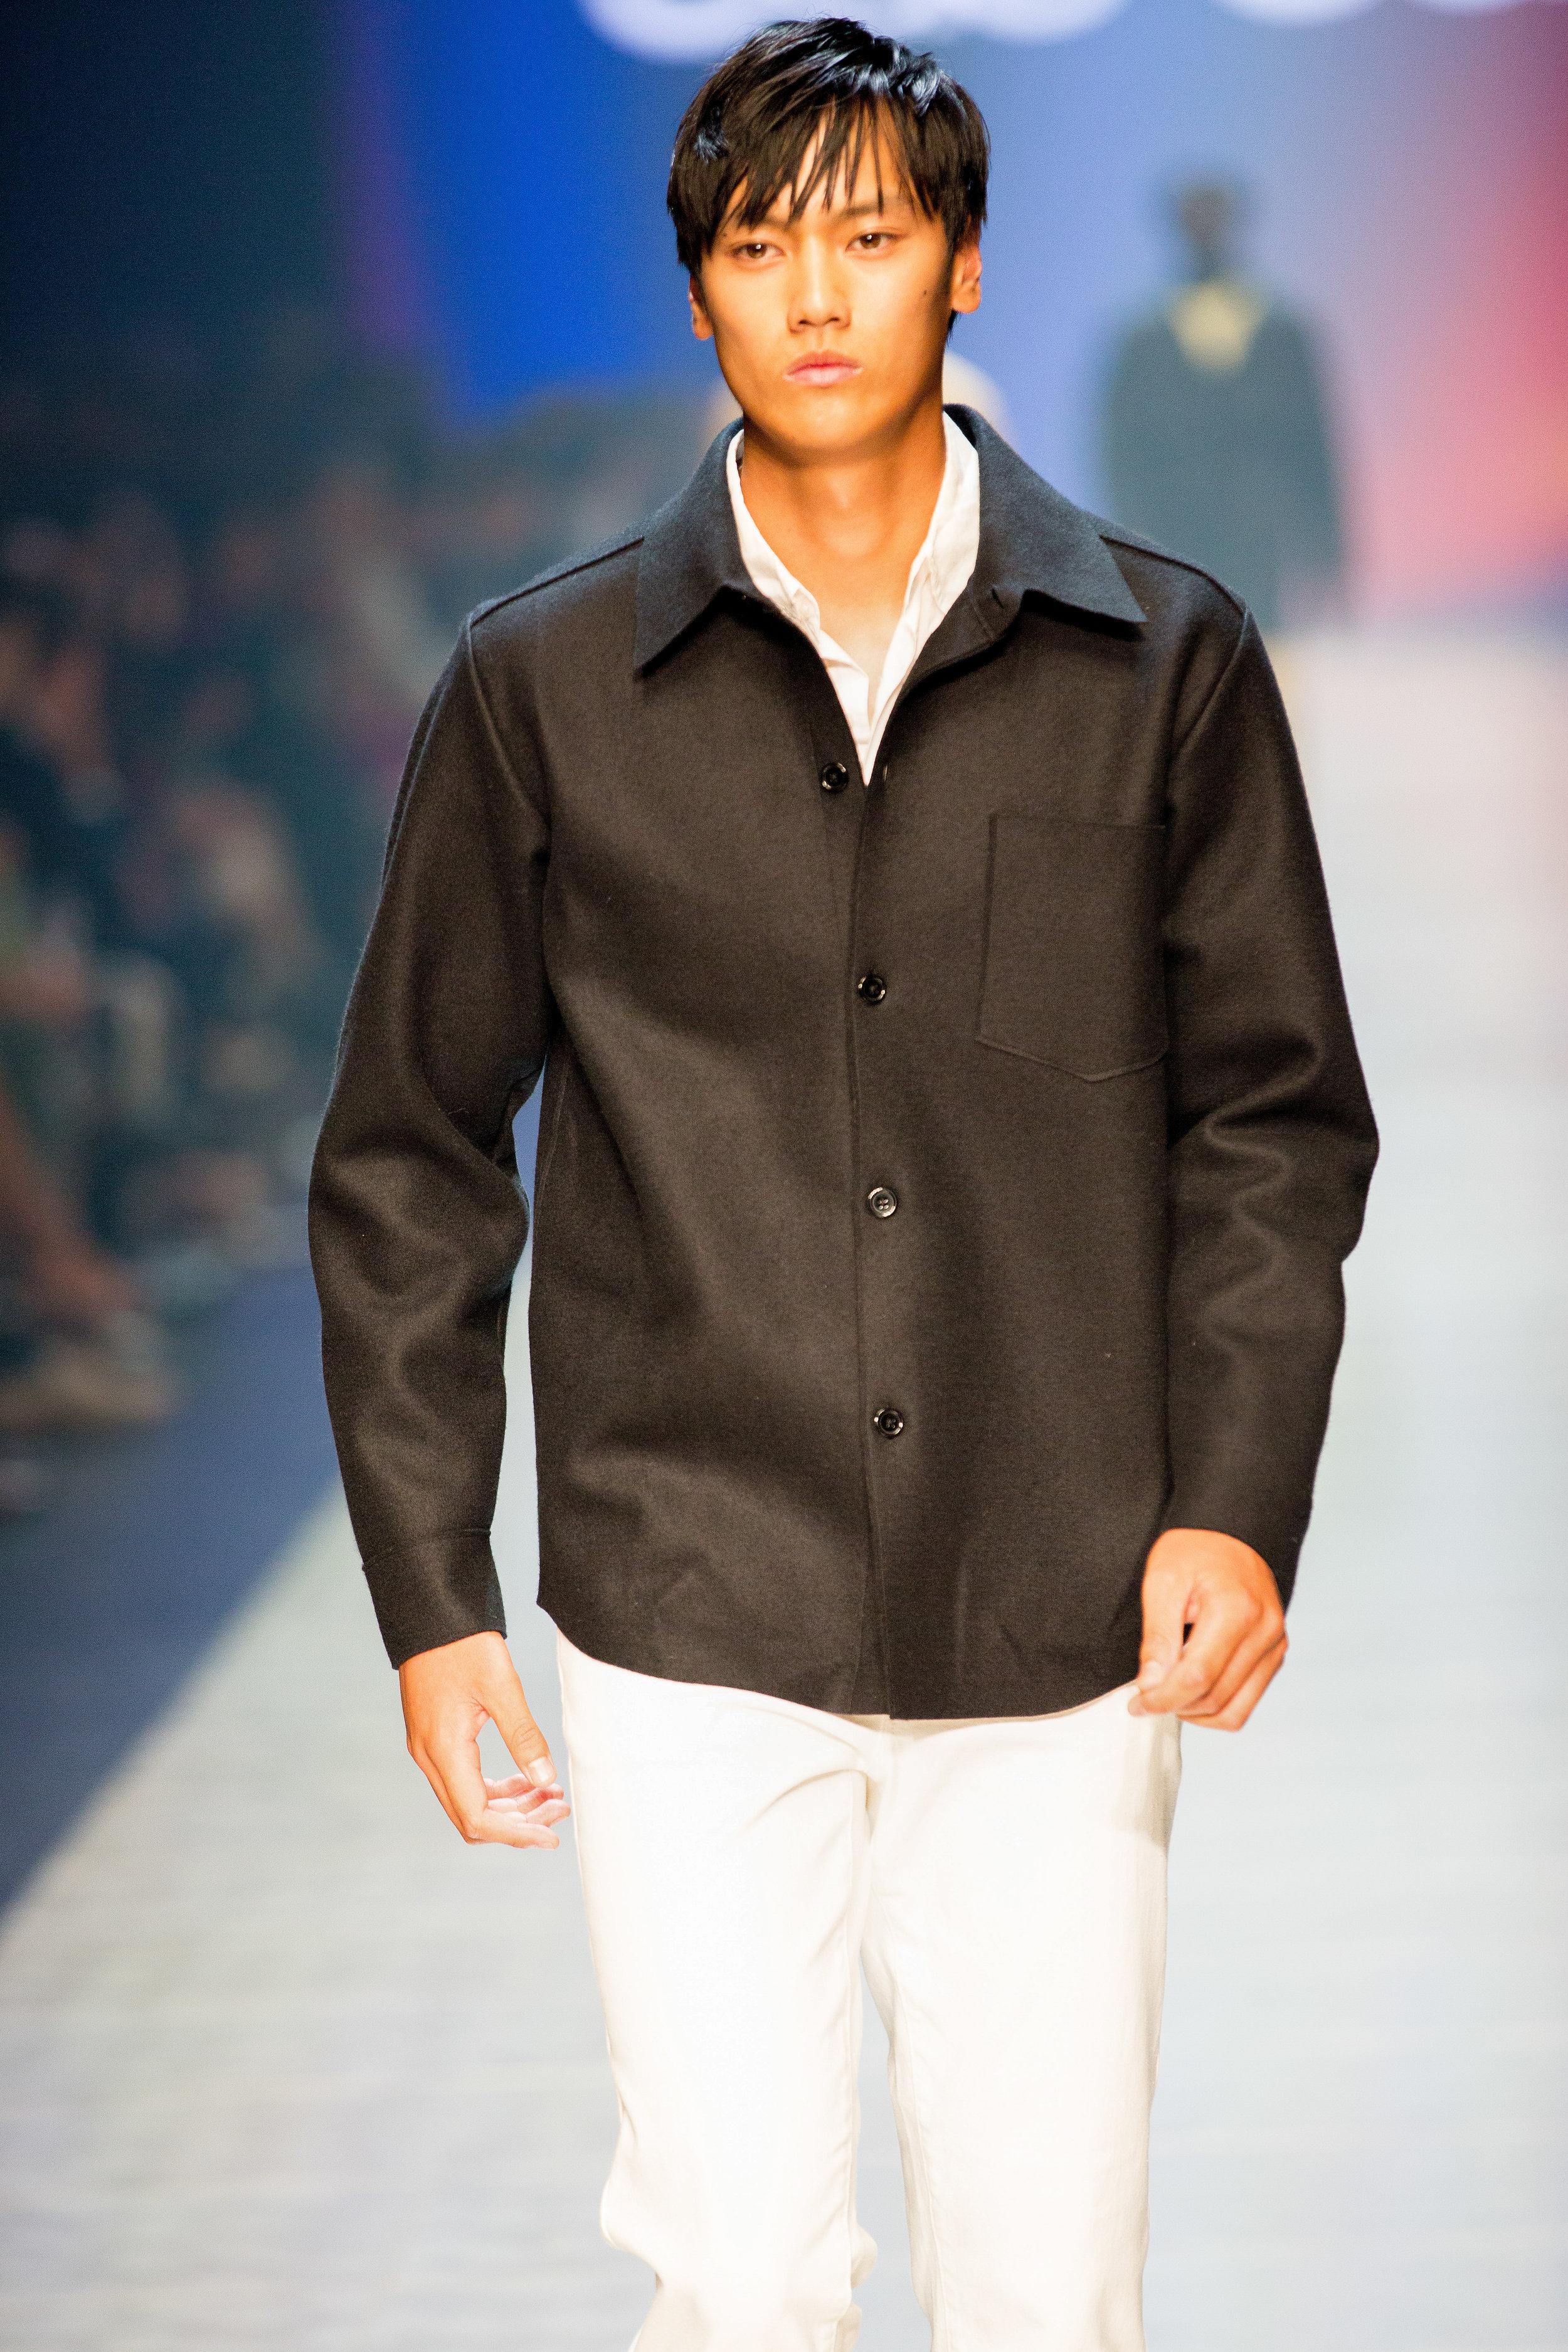 VAMFF2019_GQ Menswear-171.jpg